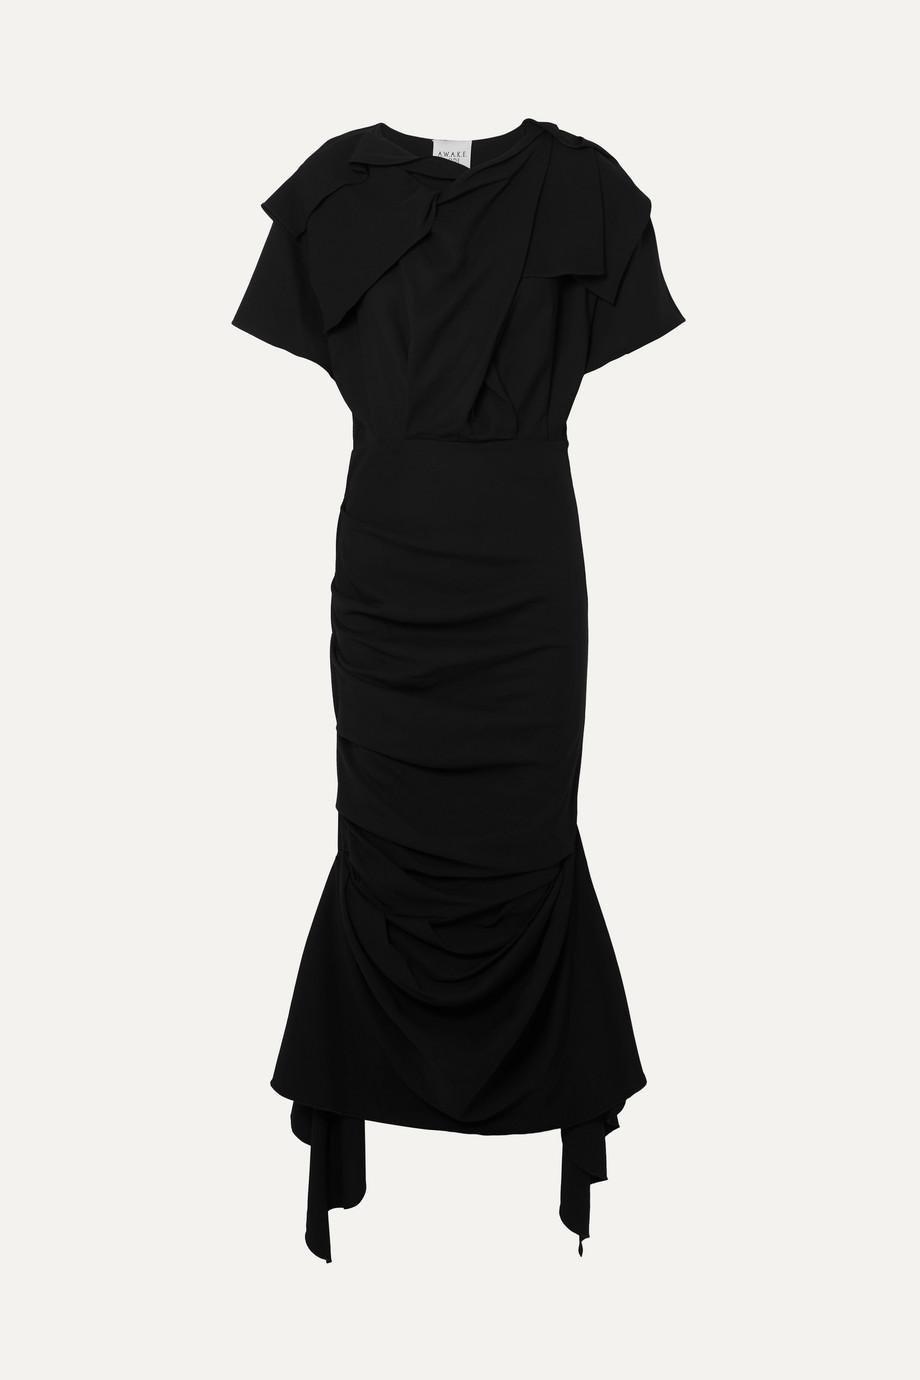 A.W.A.K.E. | Draped stretch-crepe maxi dress | NET-A-PORTER.COM